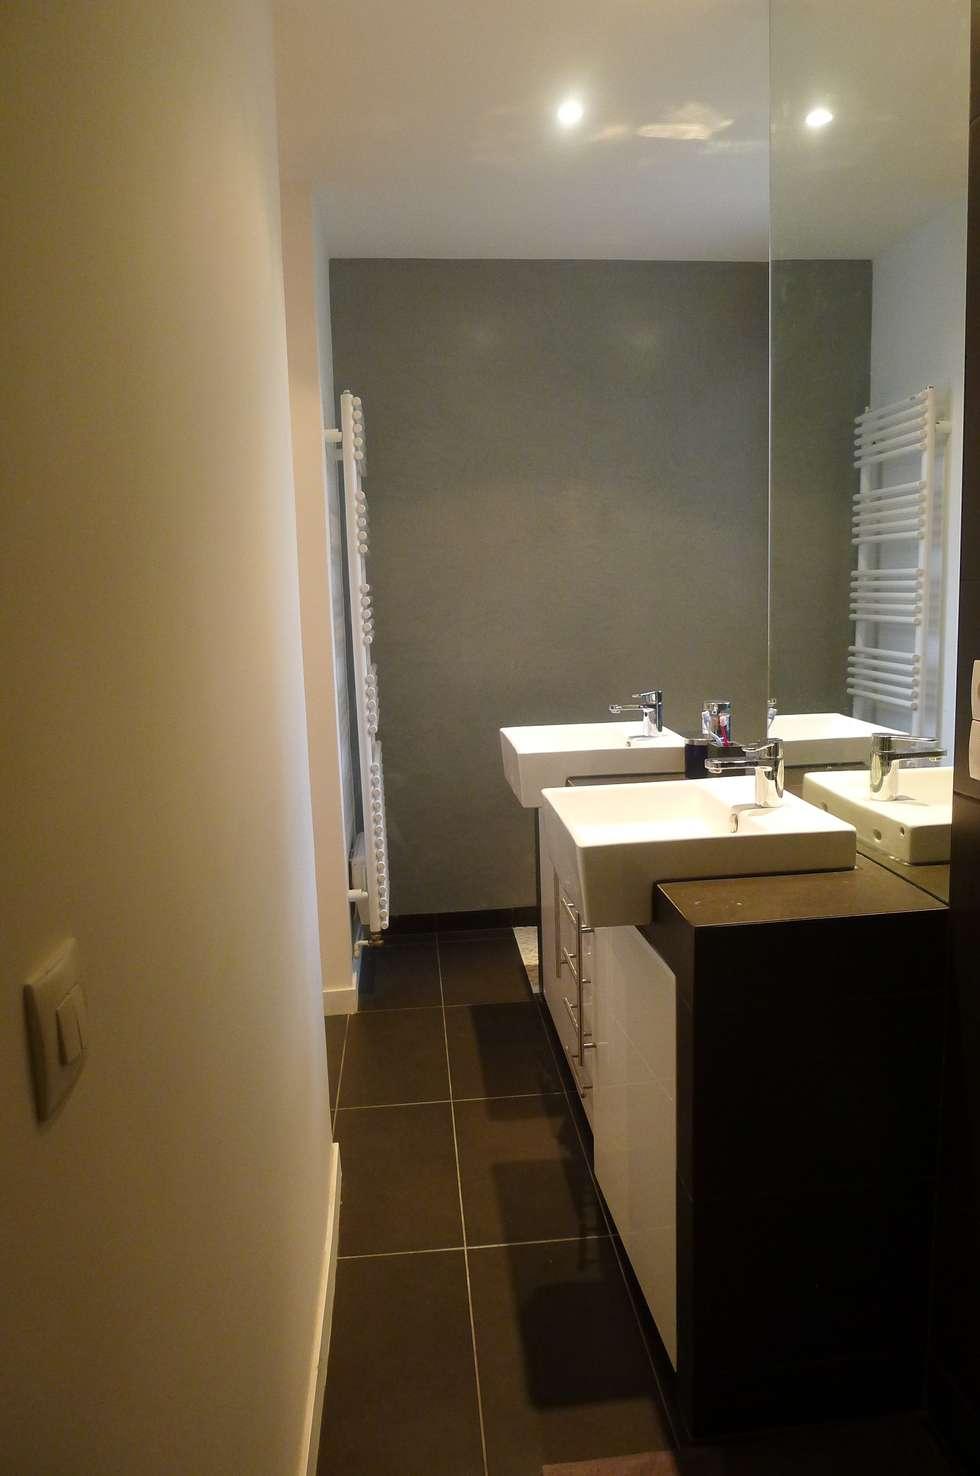 salle de bain: Salle de bains de style  par Arielle Apelbaum Sela